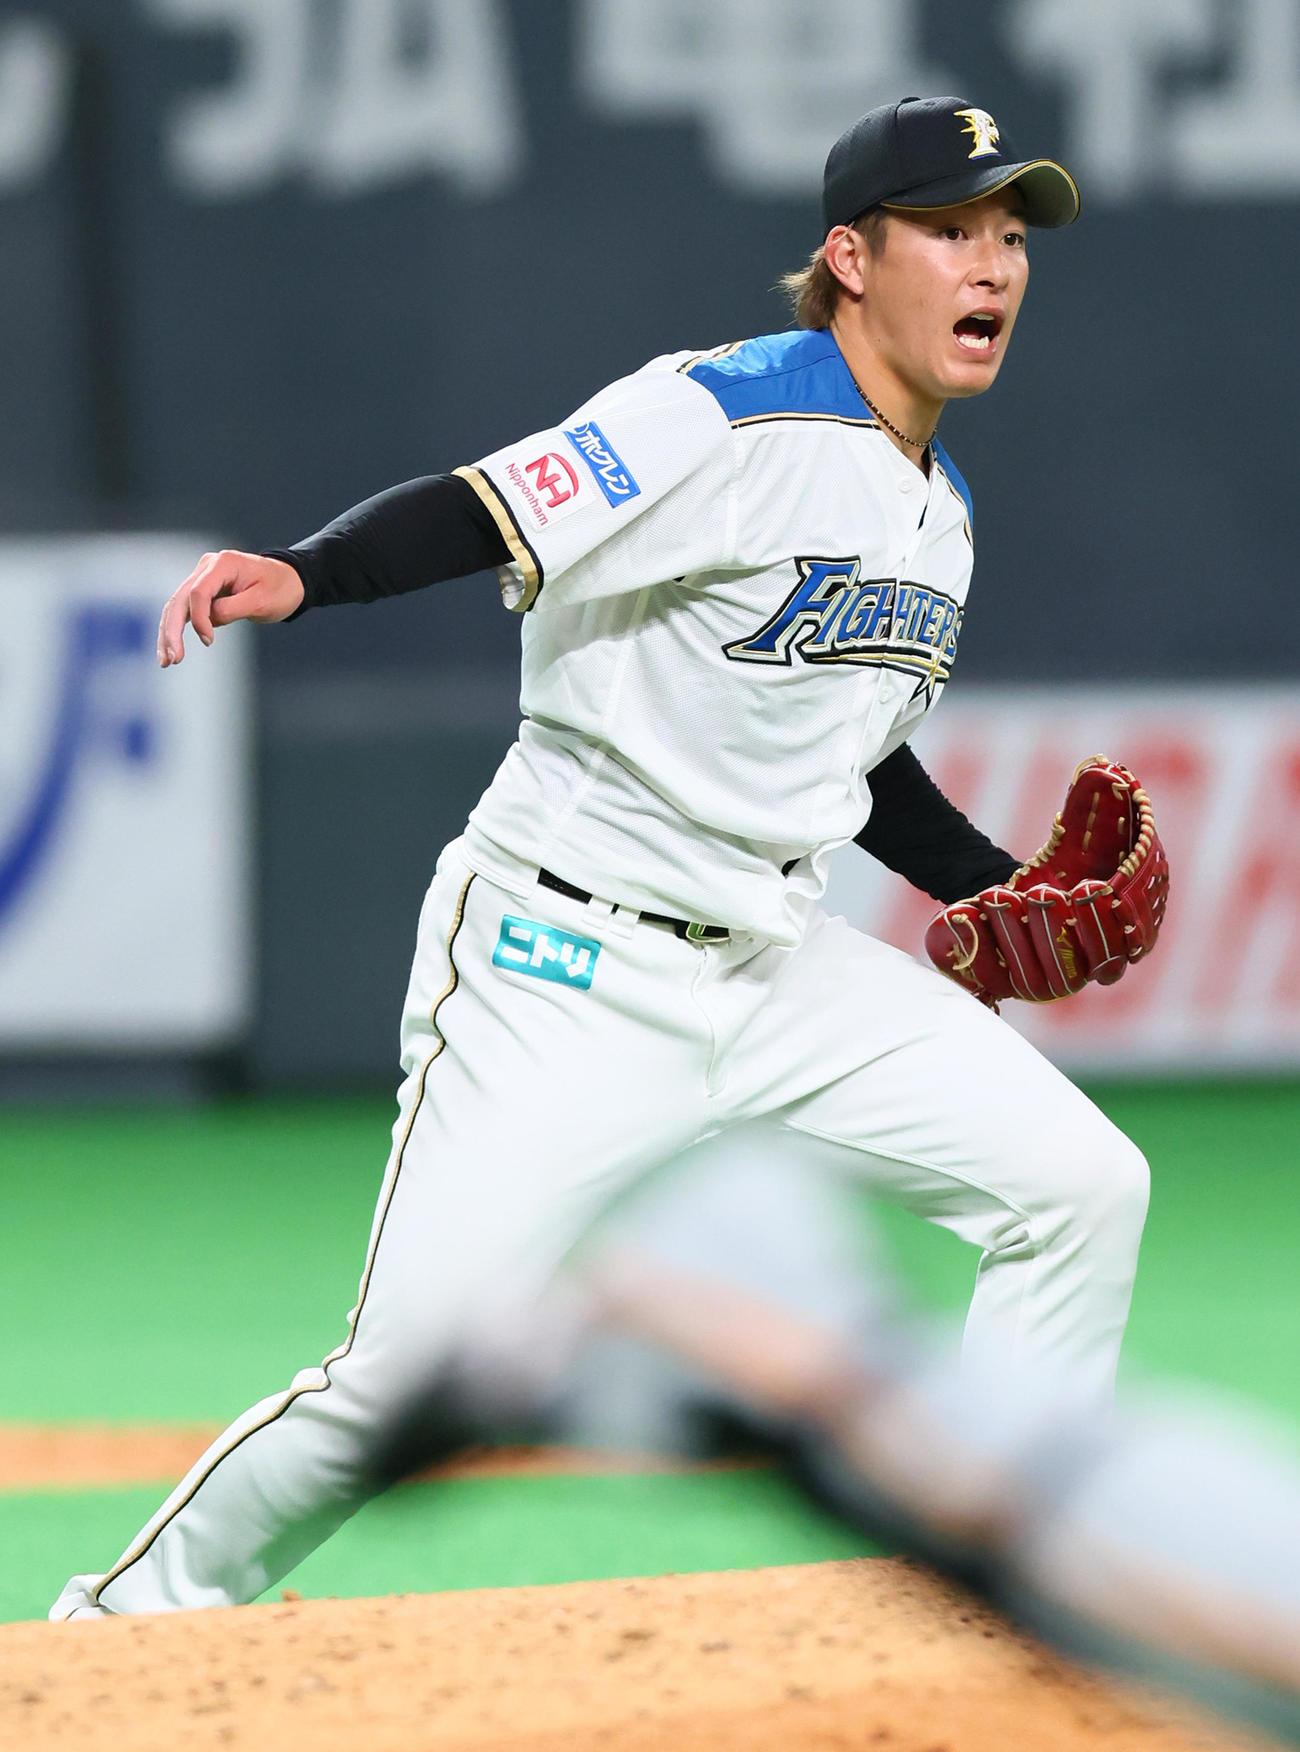 日本ハム対巨人 5回表巨人無死一、三塁、梶谷の打球をグラブではじいた吉田は必死に一塁へ送球するも悪送球となる(撮影・足立雅史)